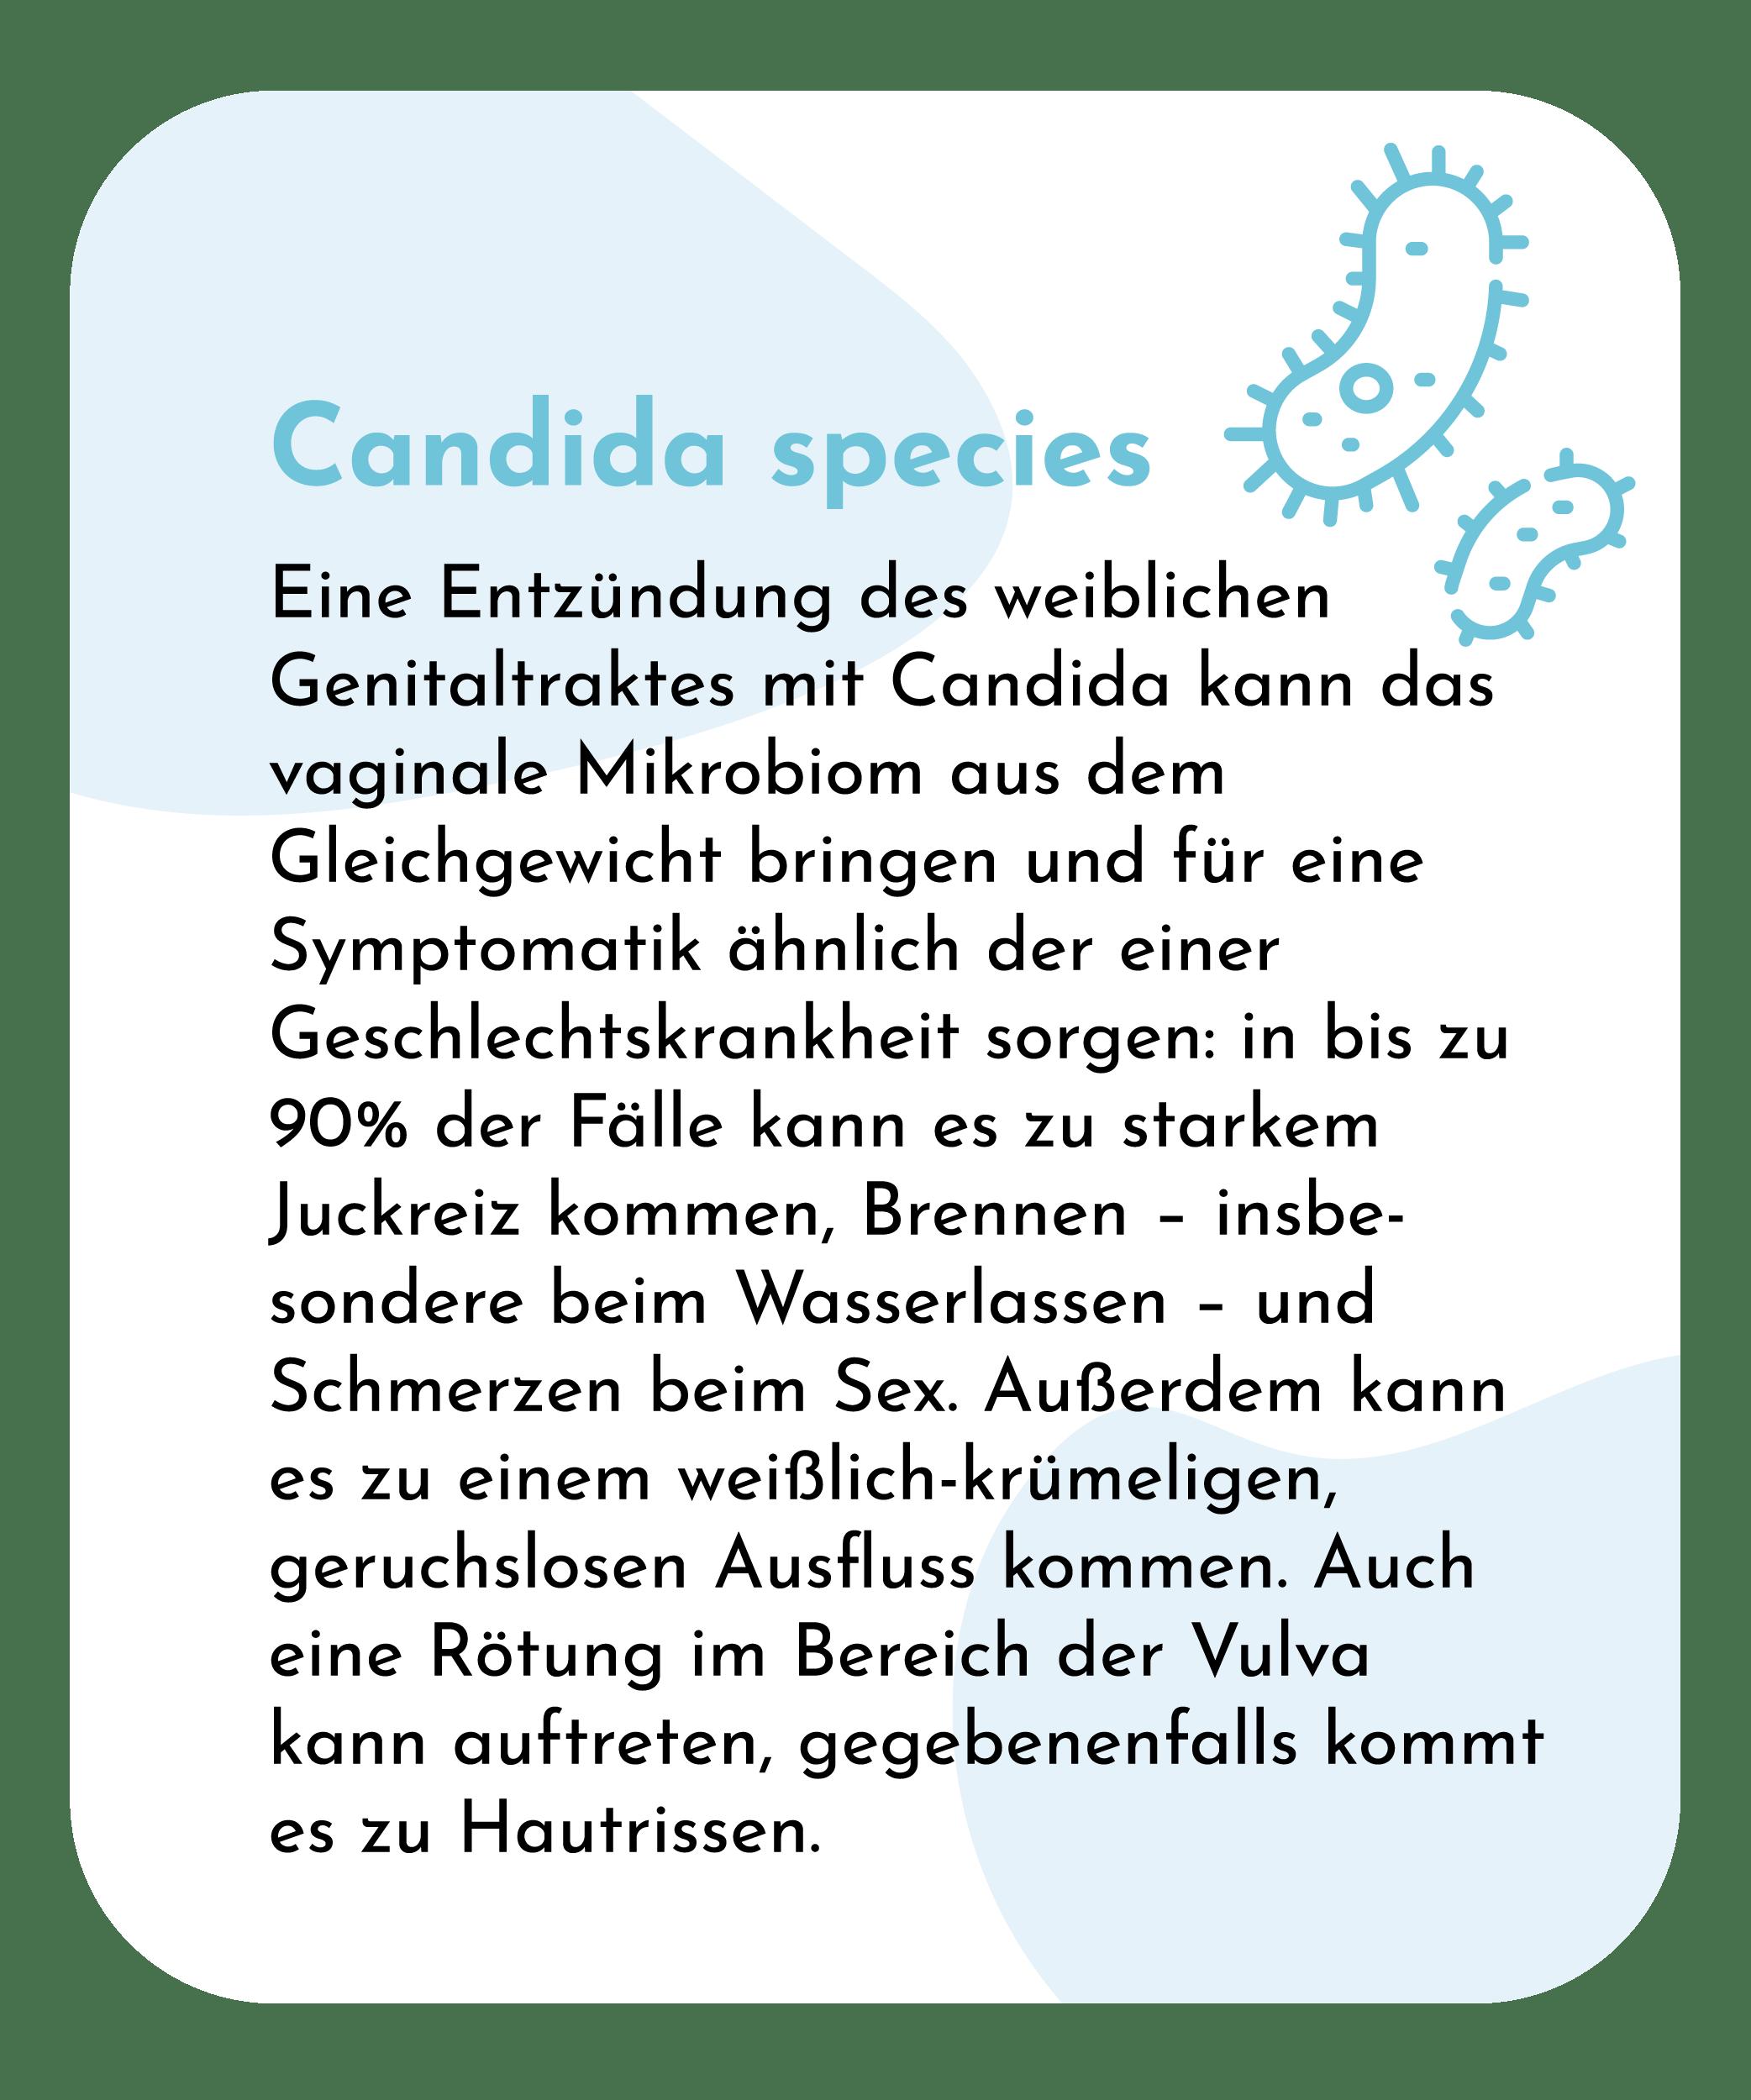 Candida species